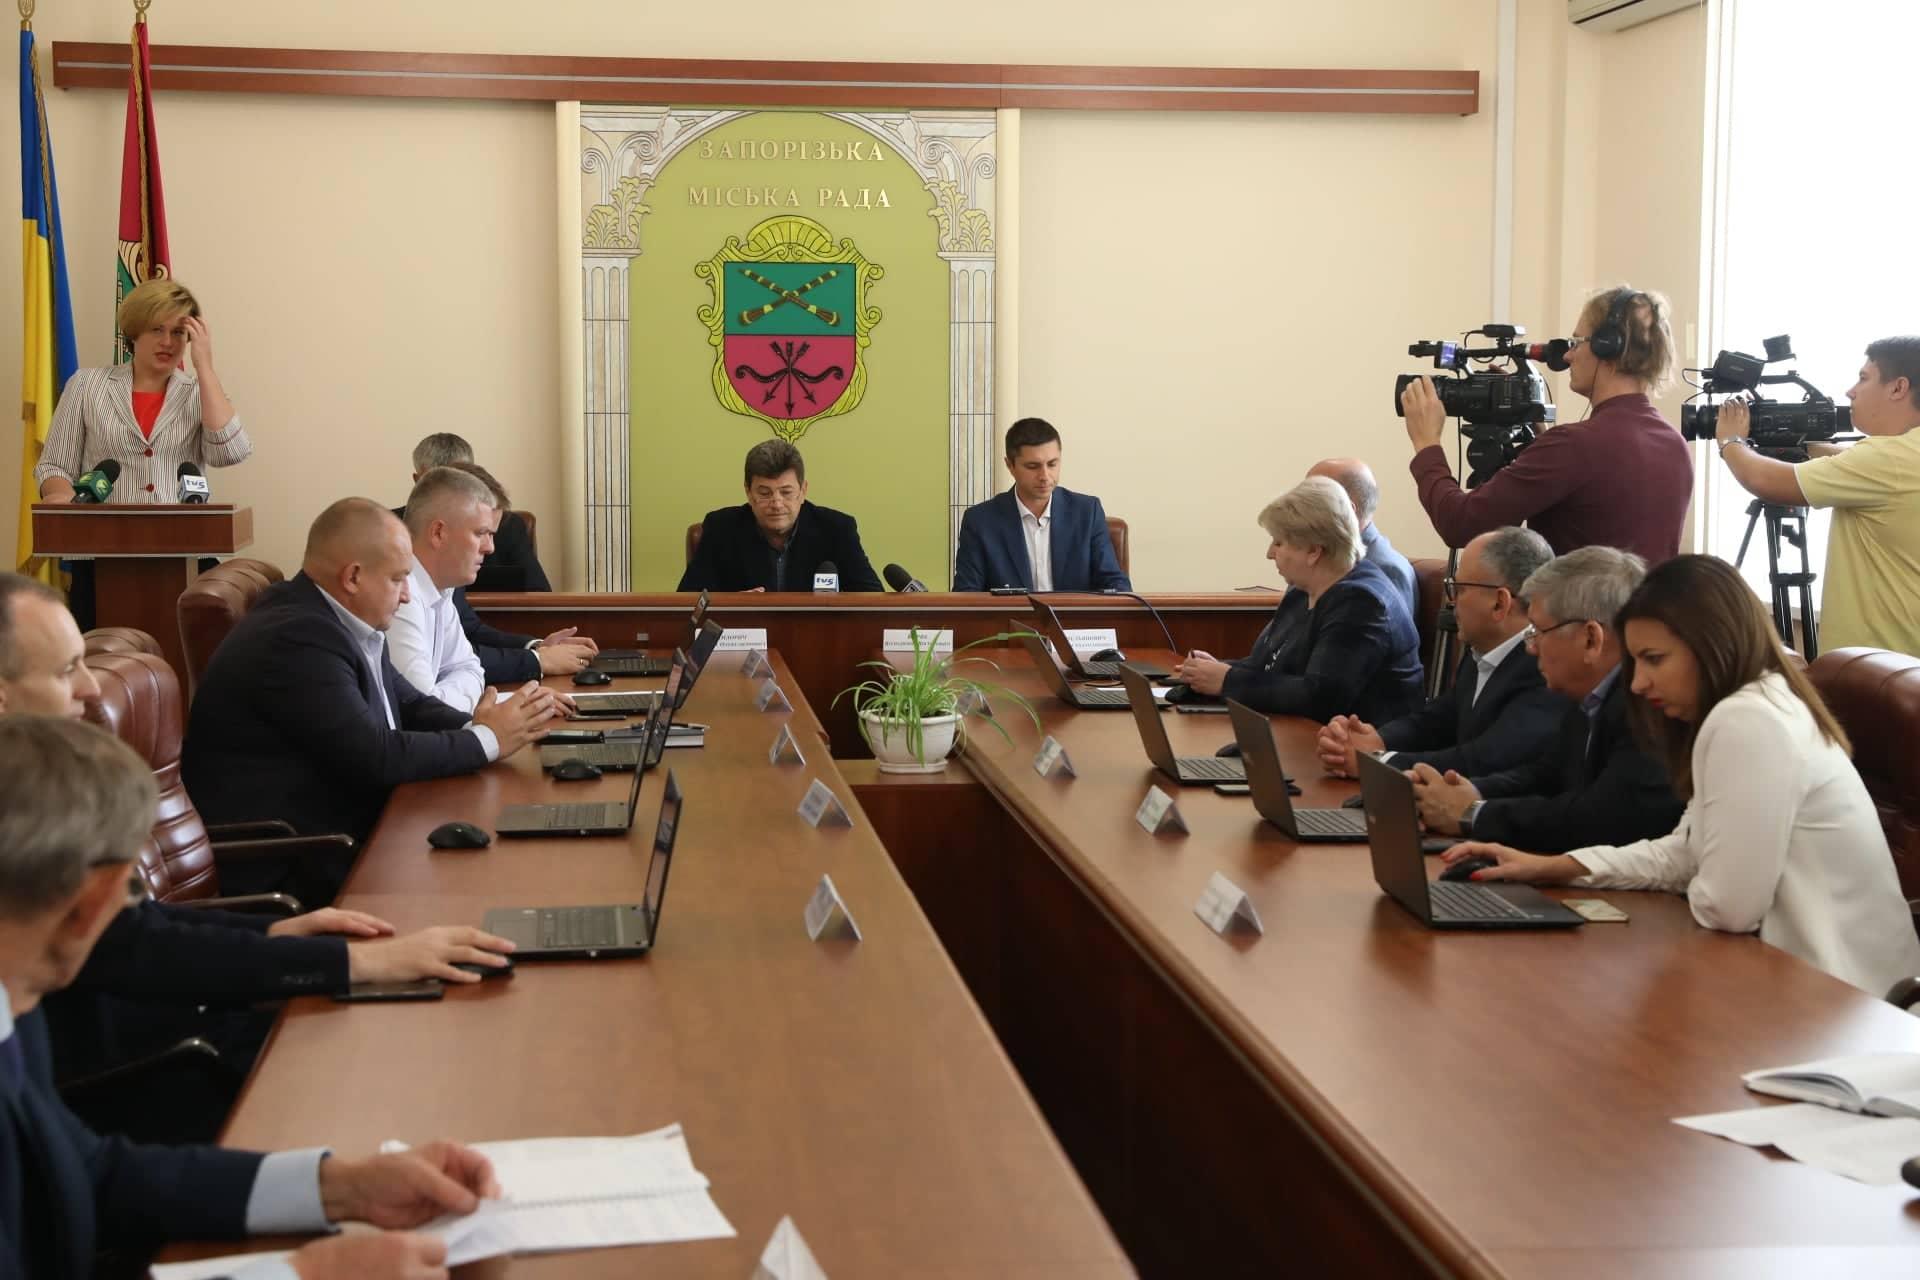 Виділення житла та нові тарифи на вивіз сміття: у Запоріжжі відбулось засідання міськвиконкому